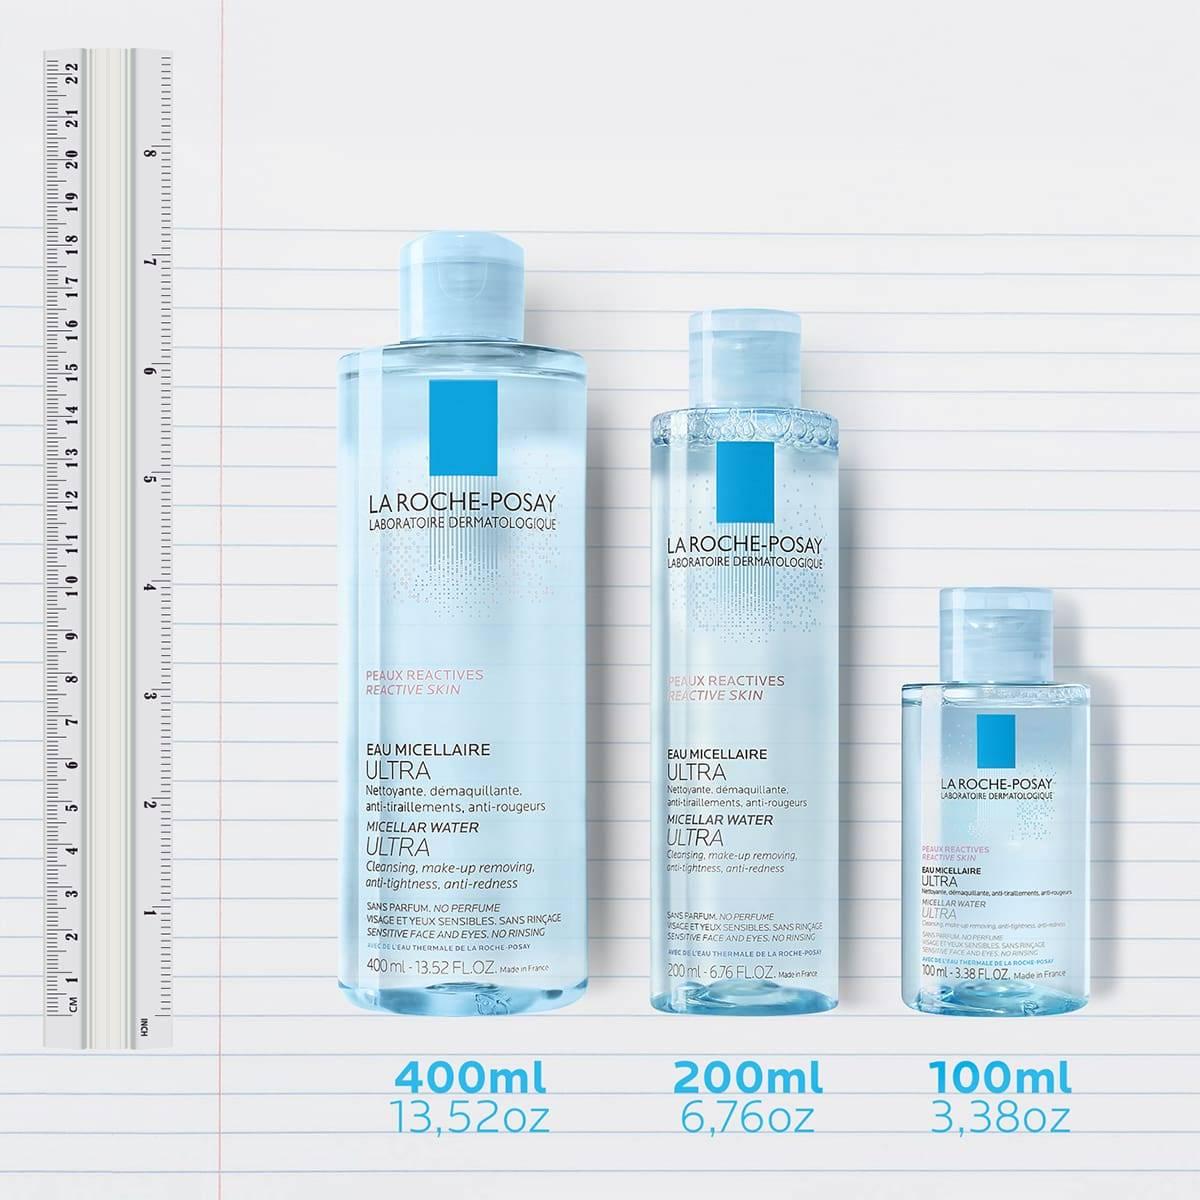 La Roche Posay ProduktSide Micellar Water Ultra Familie 3337875528108 3